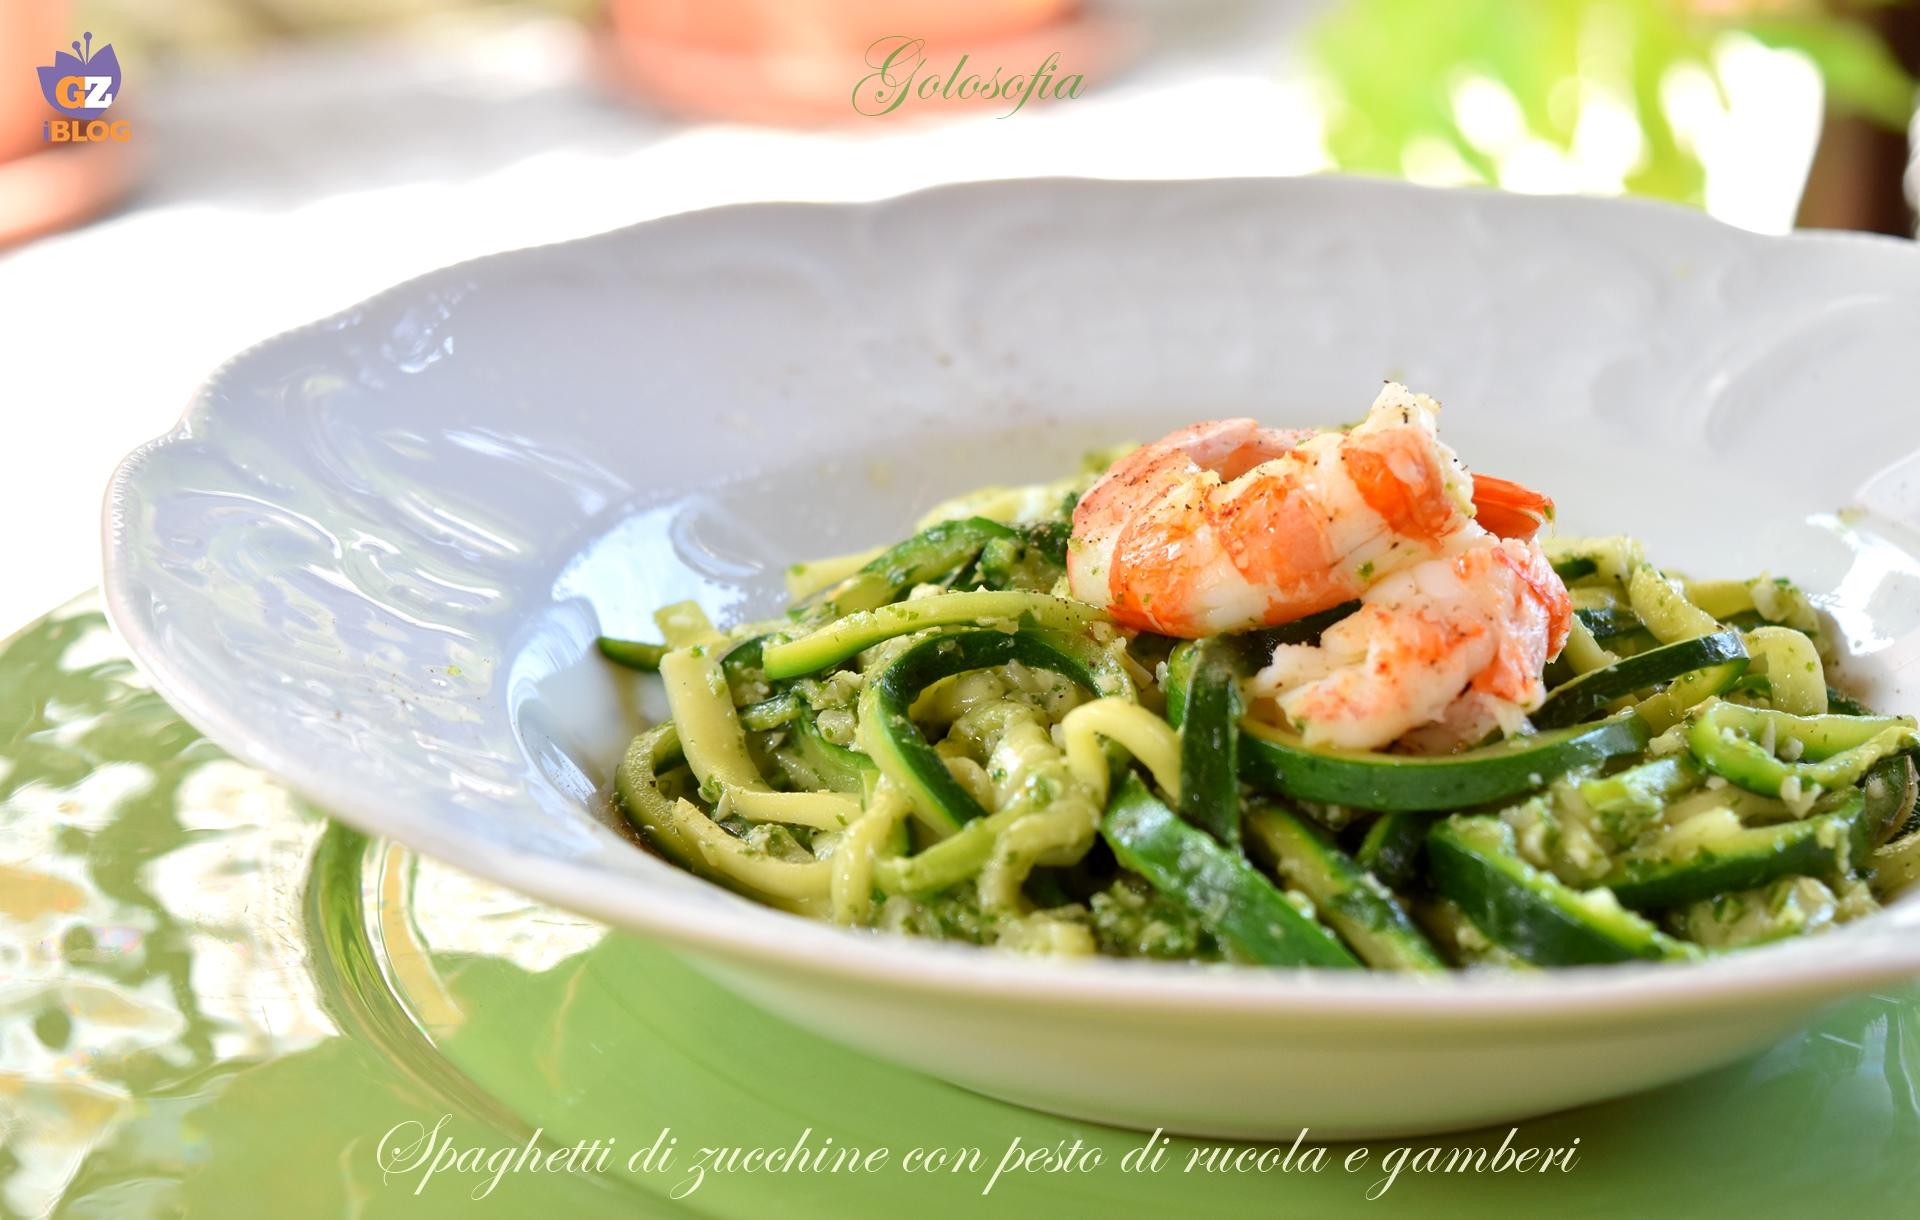 Spaghetti di zucchine con pesto di rucola e gamberi-ricetta primi-golosofia